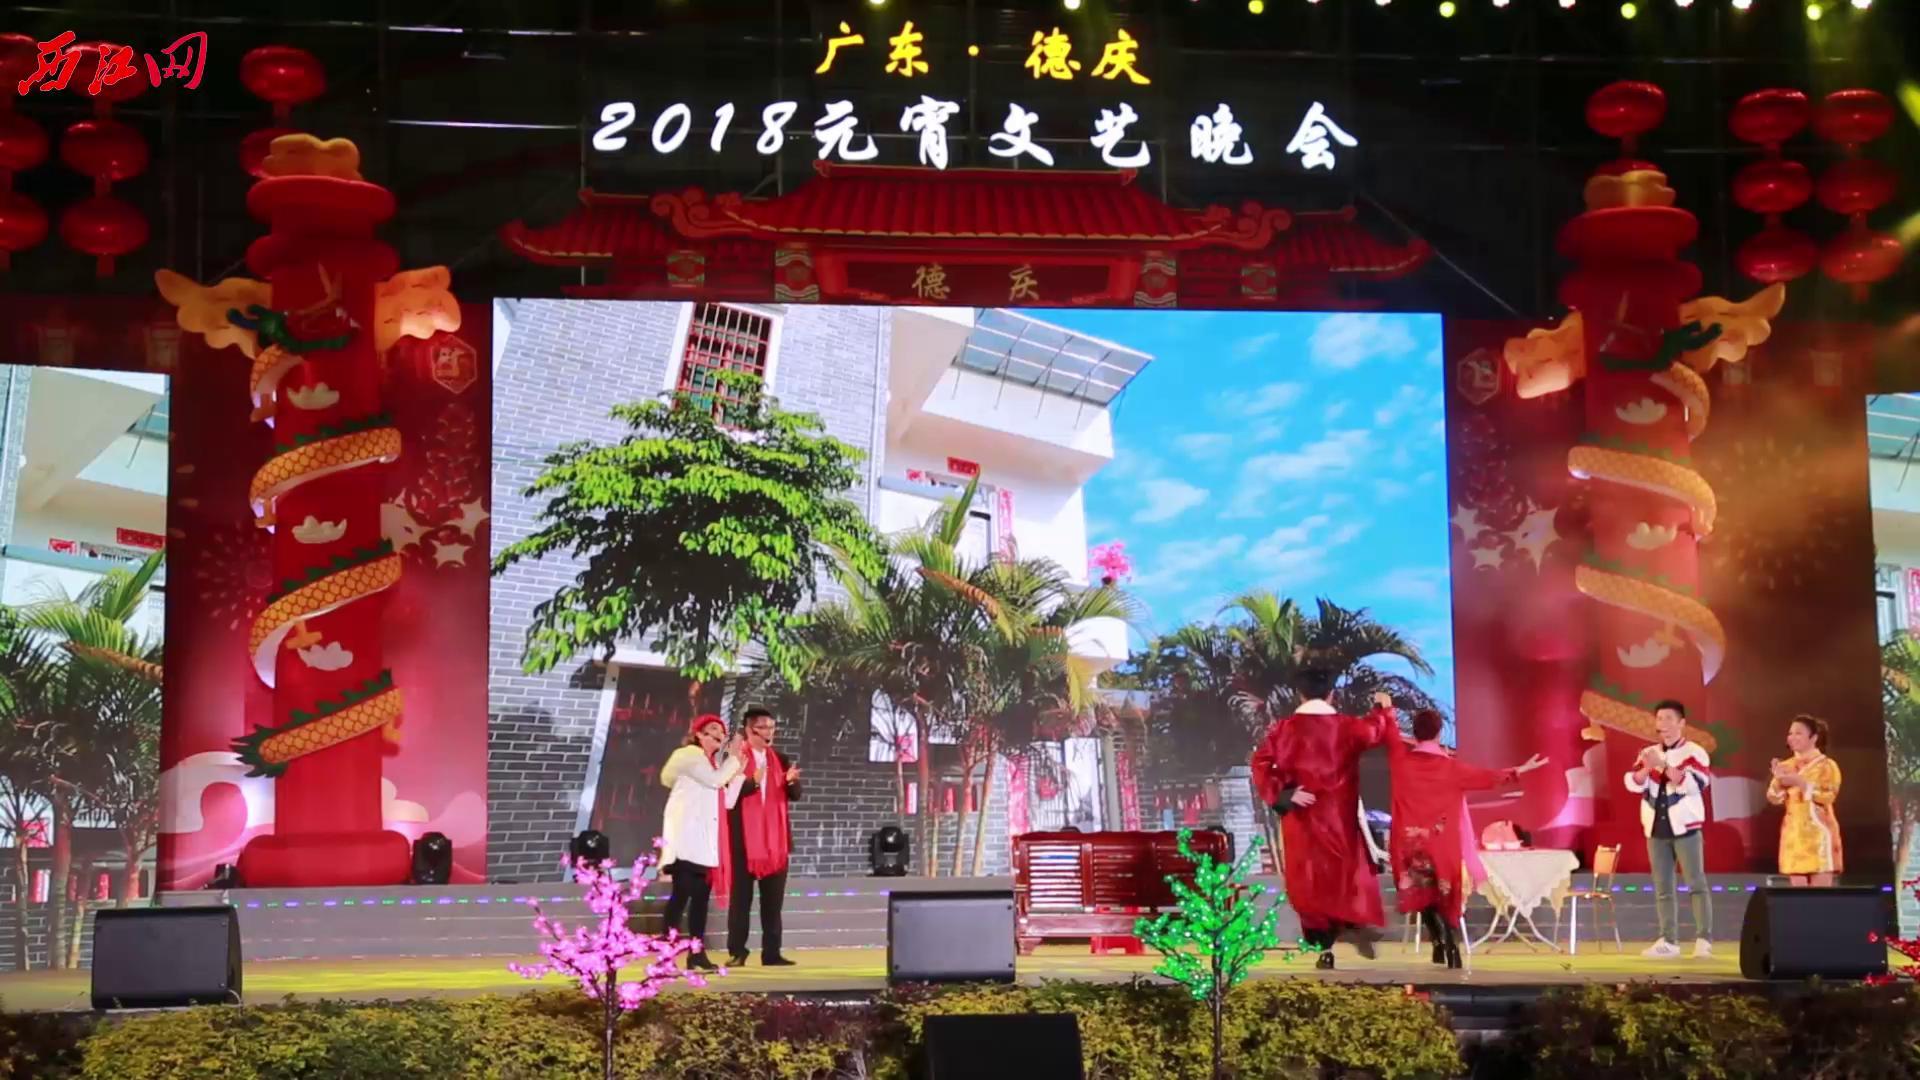 德庆元宵晚会精彩纷呈 上万市民游客畅享文化盛宴